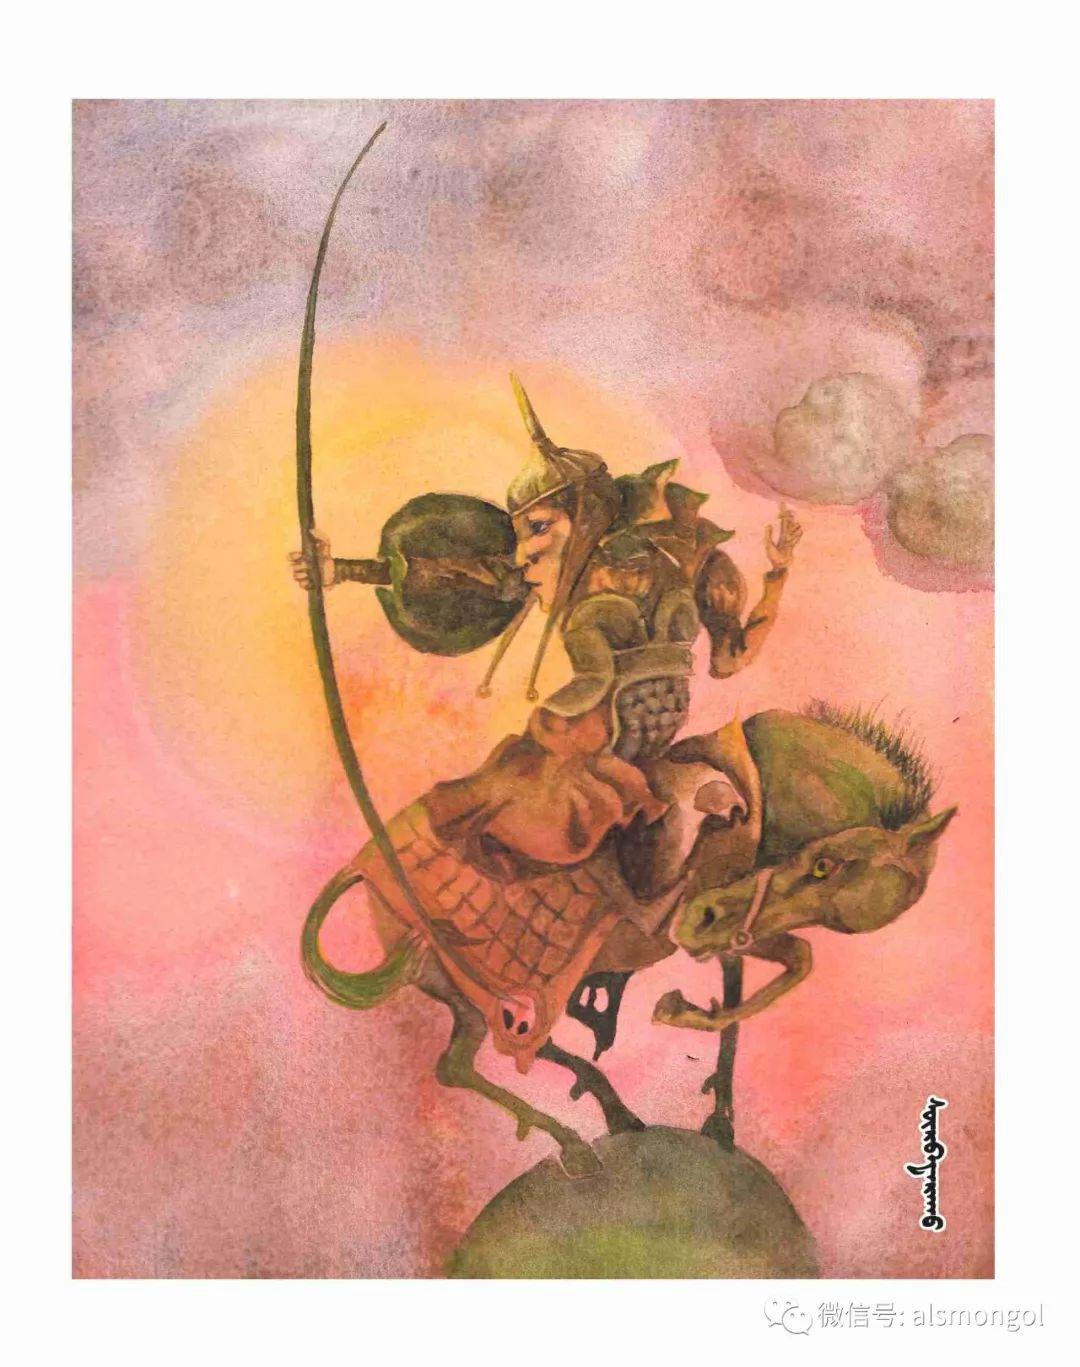 【智慧蒙古】人美画更美,年轻画家海乐和她的绘画作品! 第44张 【智慧蒙古】人美画更美,年轻画家海乐和她的绘画作品! 蒙古画廊